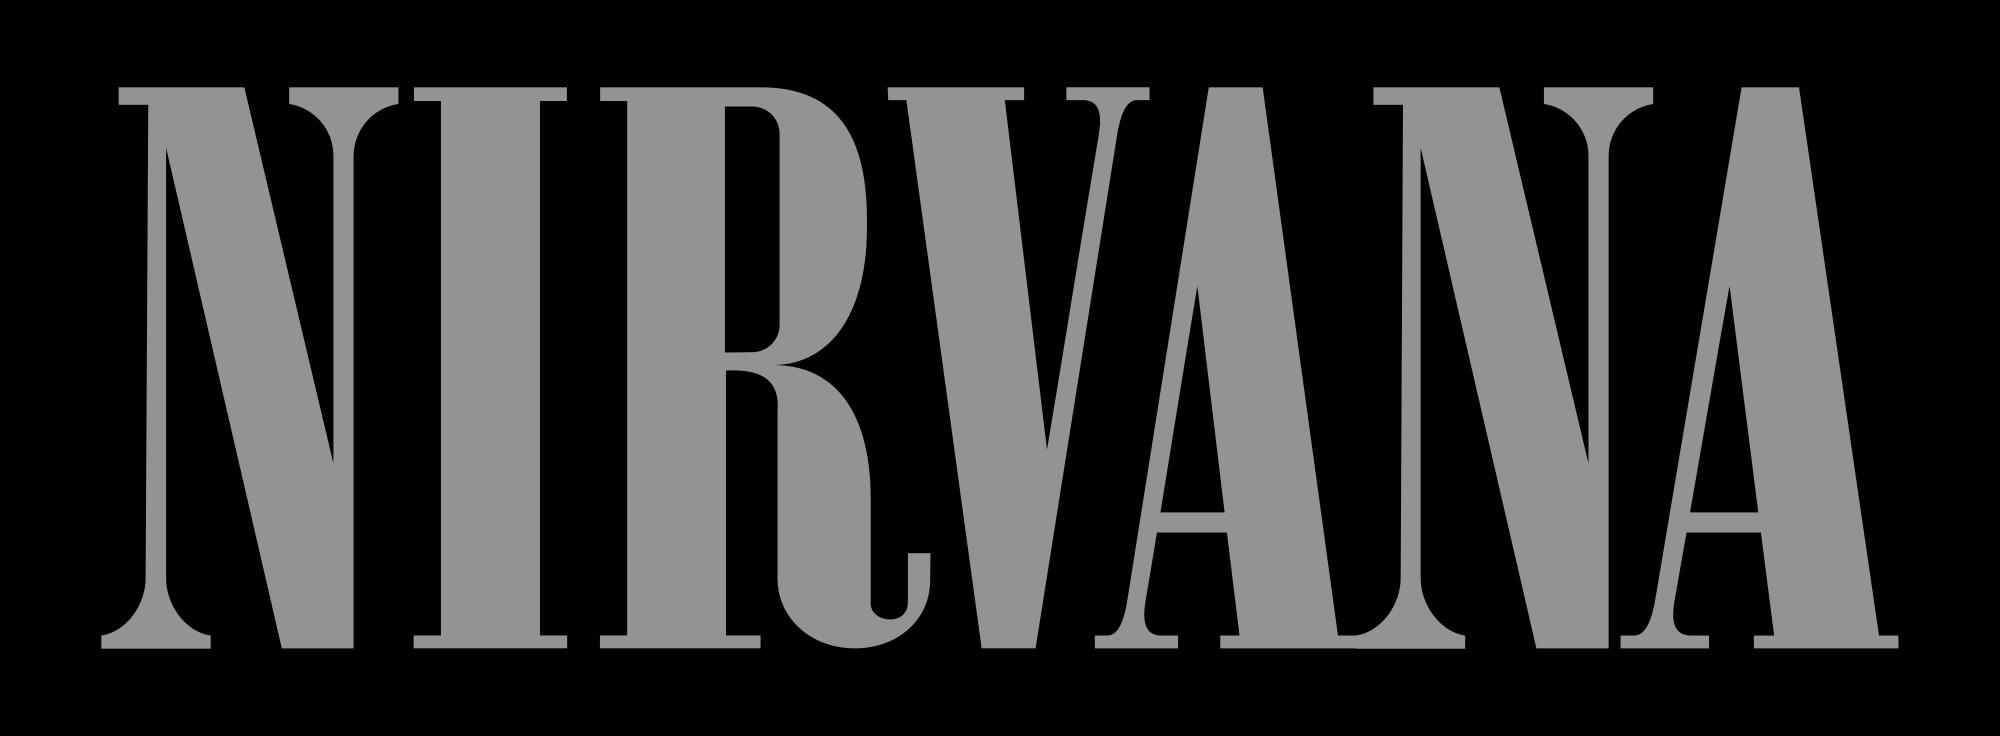 37-nirvana-logo